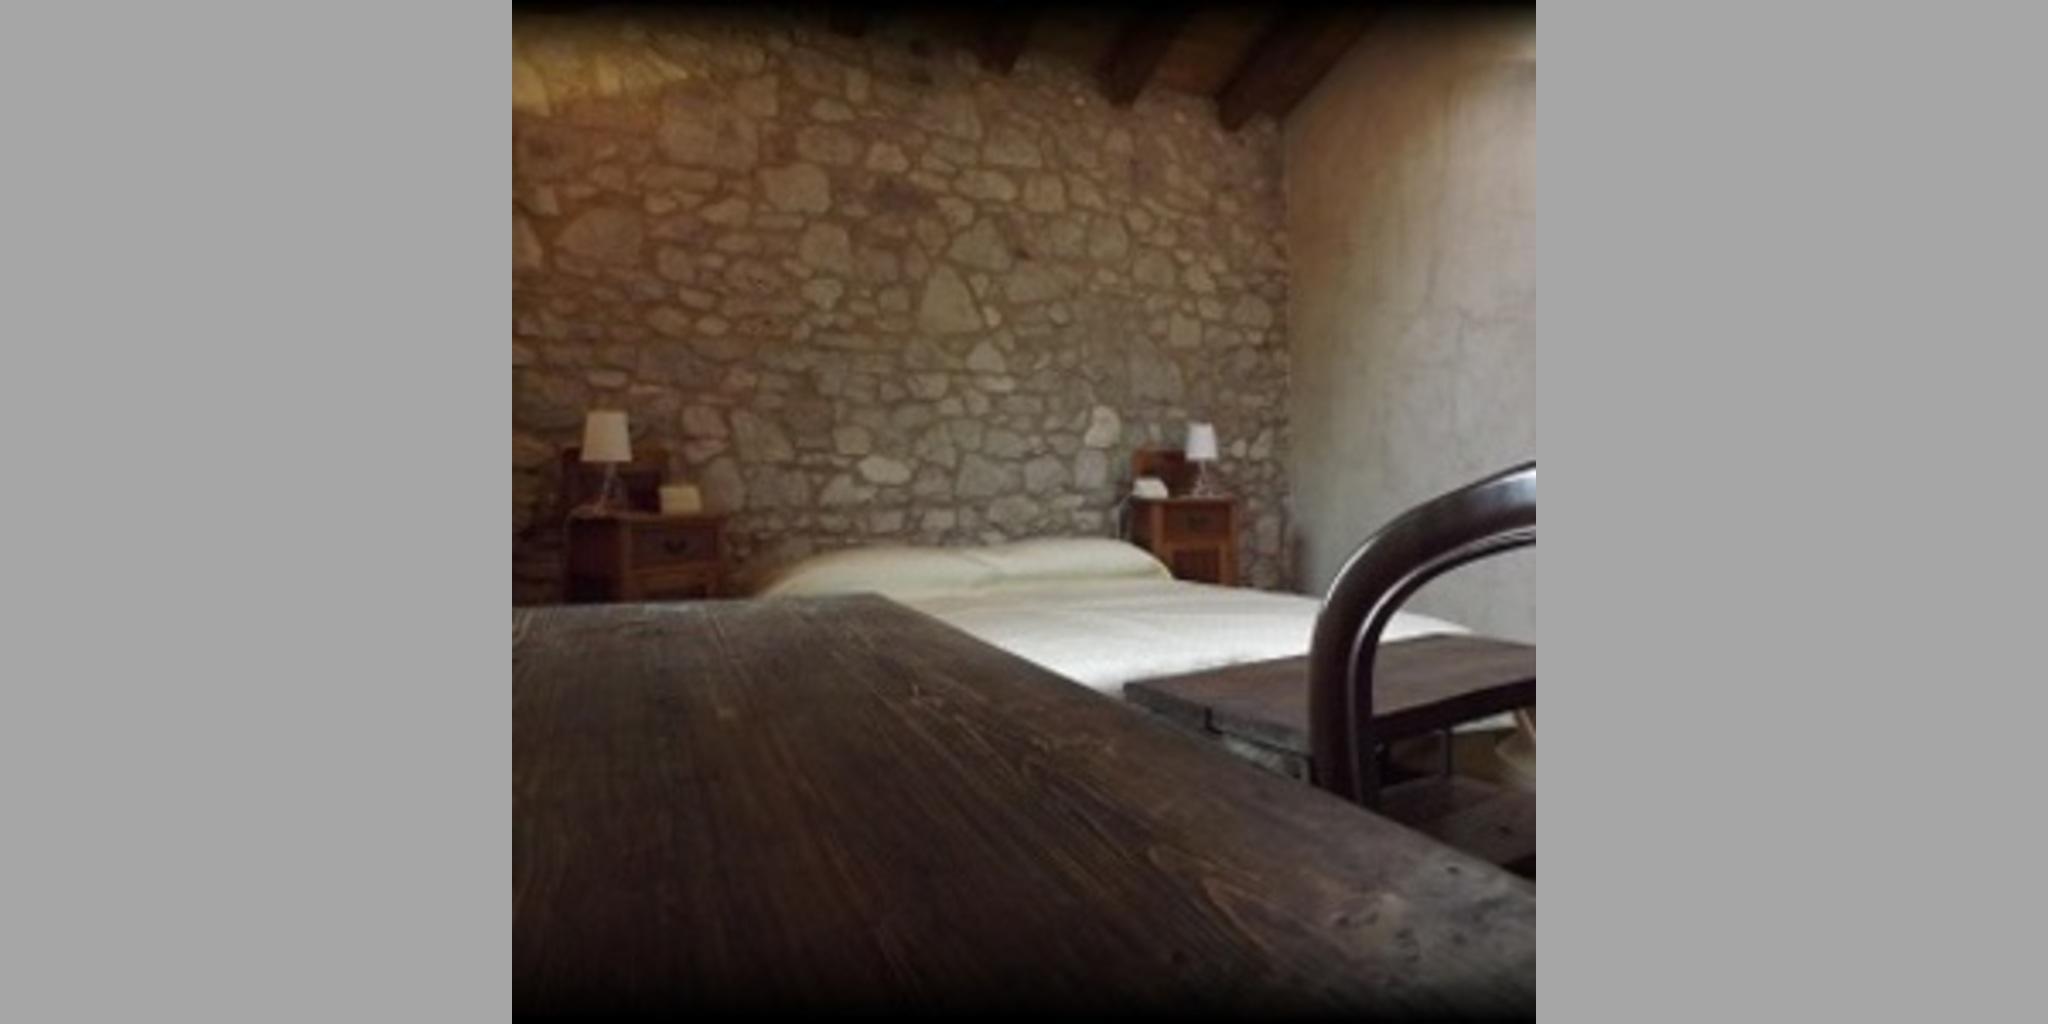 Bed & Breakfast San Vito Al Torre - Crauglio